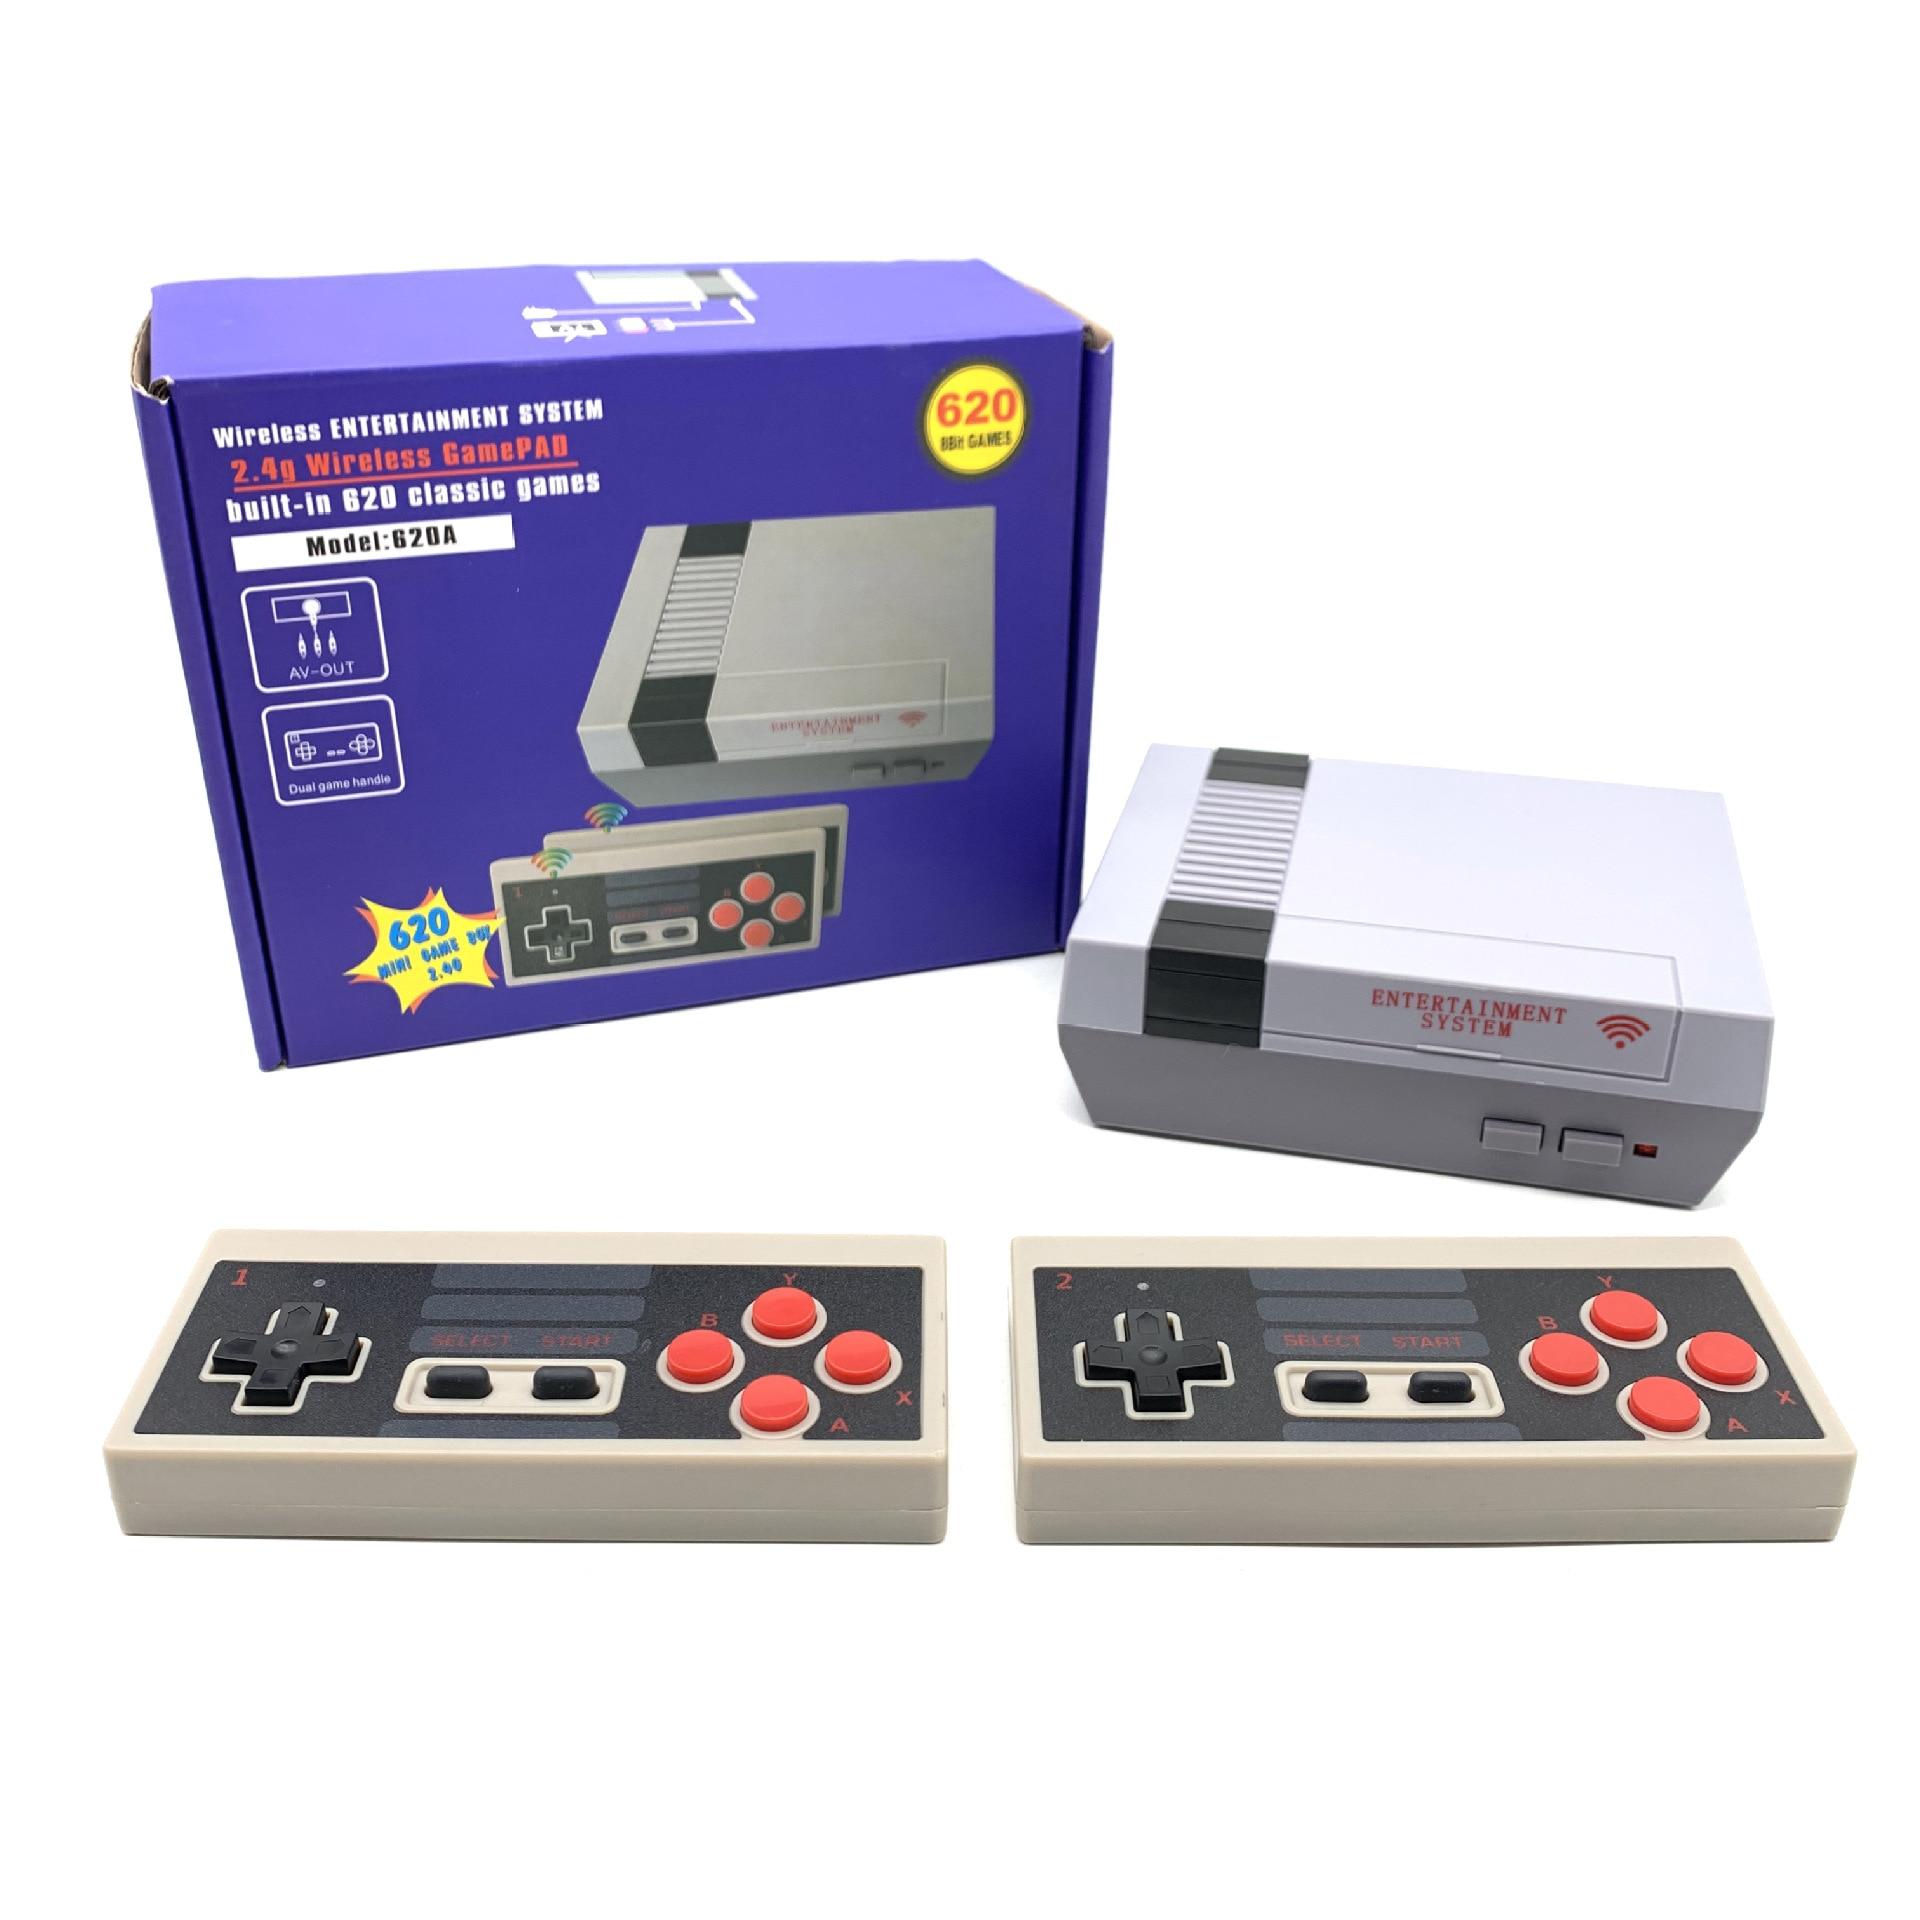 ألعاب الفيديو المصغرة وحدة التحكم الرجعية 8 بت لاعب وحدة التحكم 2.4G المدمج في 620 الألعاب الكلاسيكية دعم التلفزيون الناتج الأطفال هدية لاسلكية